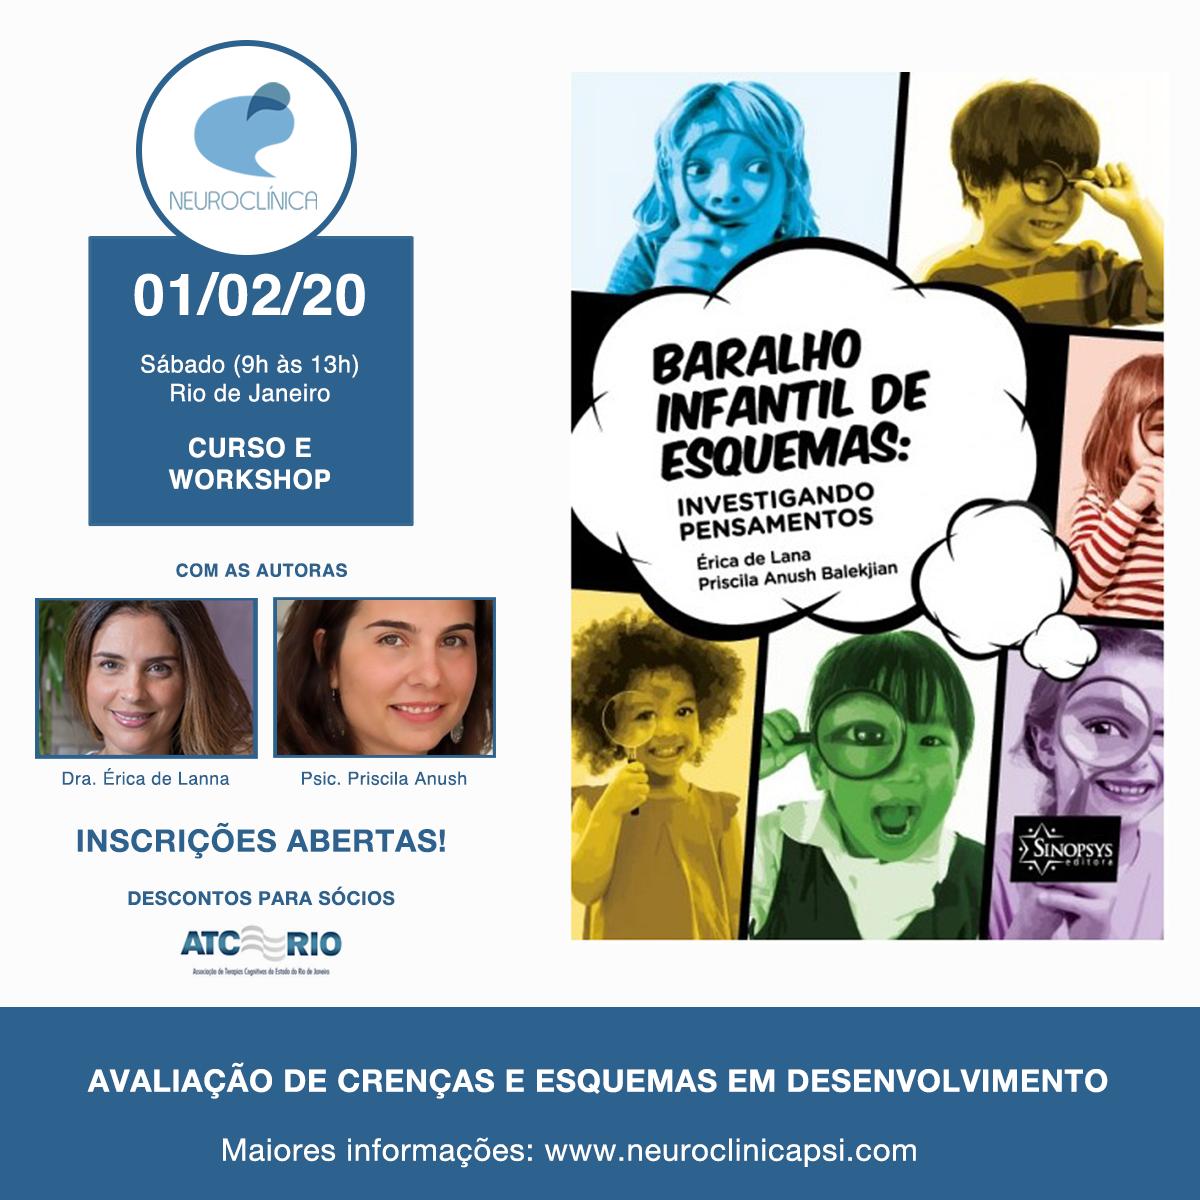 Avaliação de crenças e esquemas em desenvolvimento: Curso e Workshop